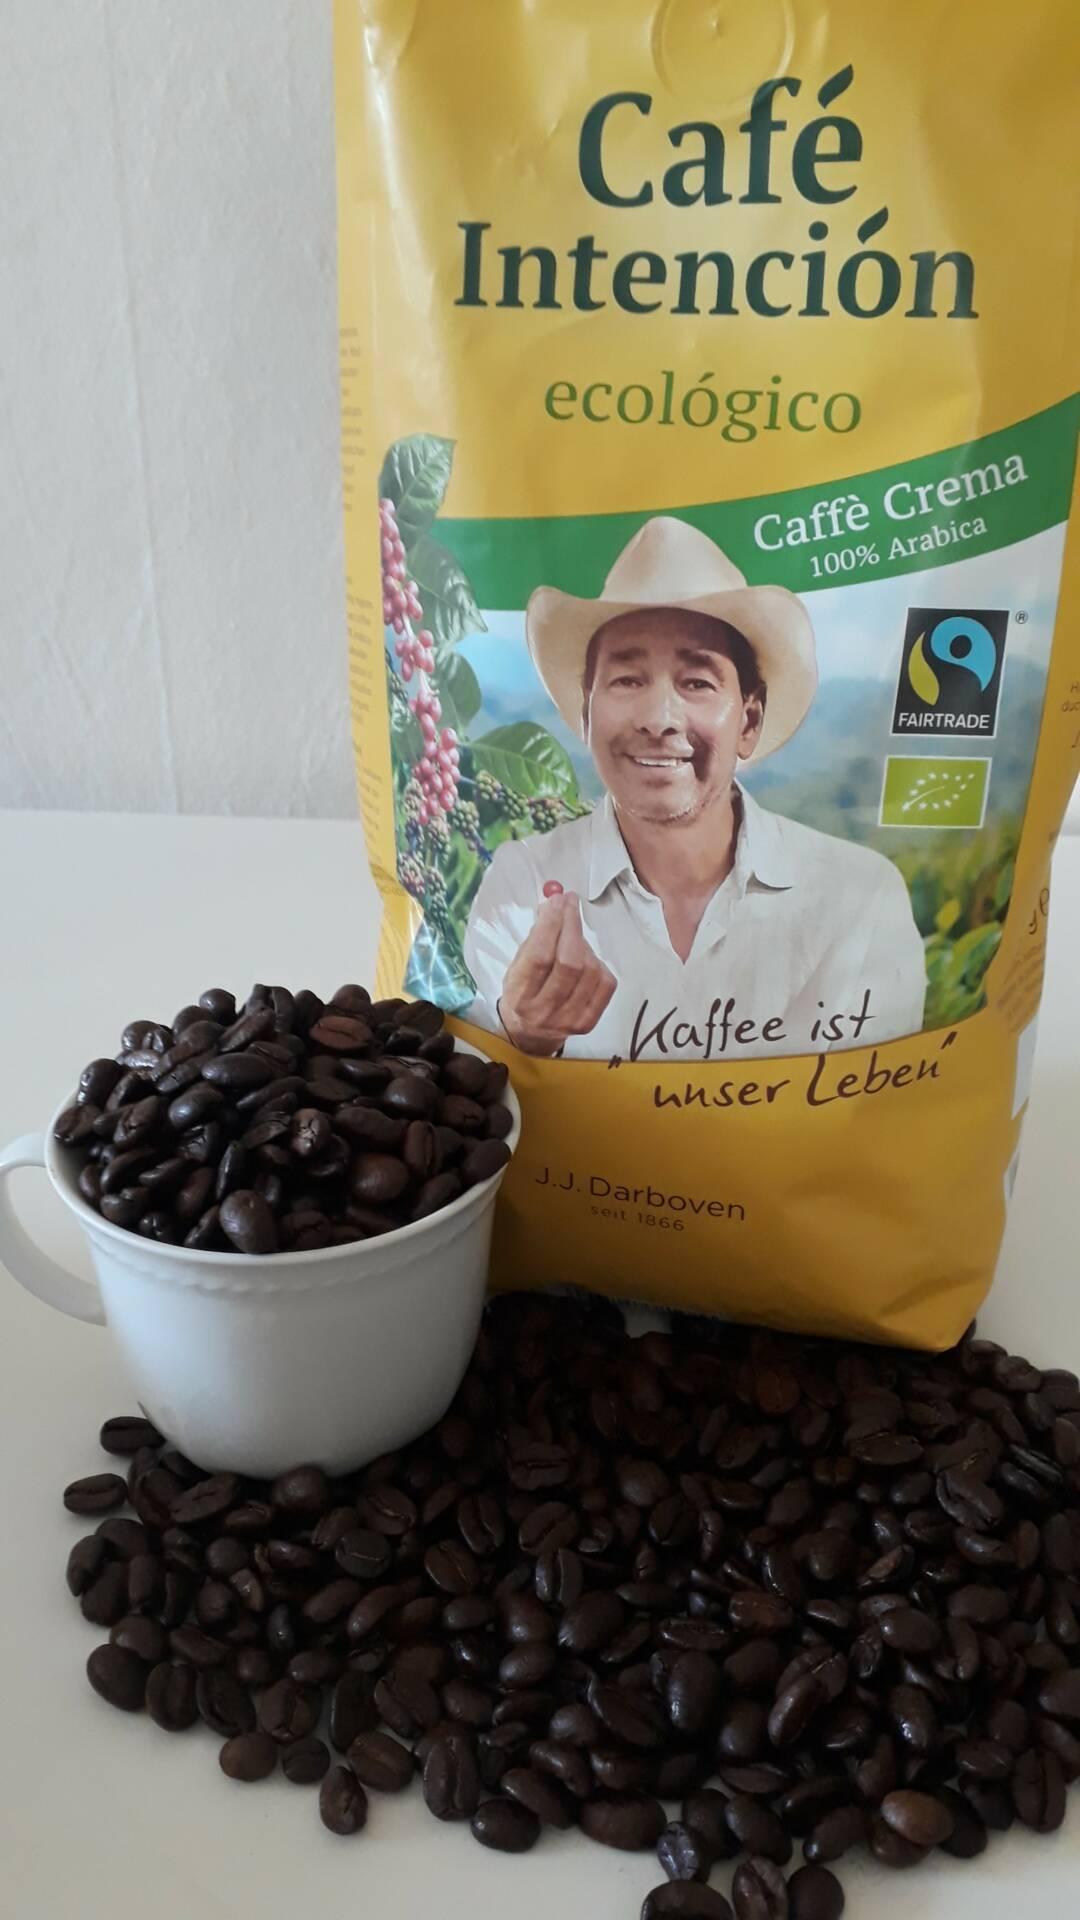 Jeder kann mit dem Kauf von Fairtrade Produkten dazu beitragen, Armut zu bekämpfen und Fluchtgründe zu zerstören